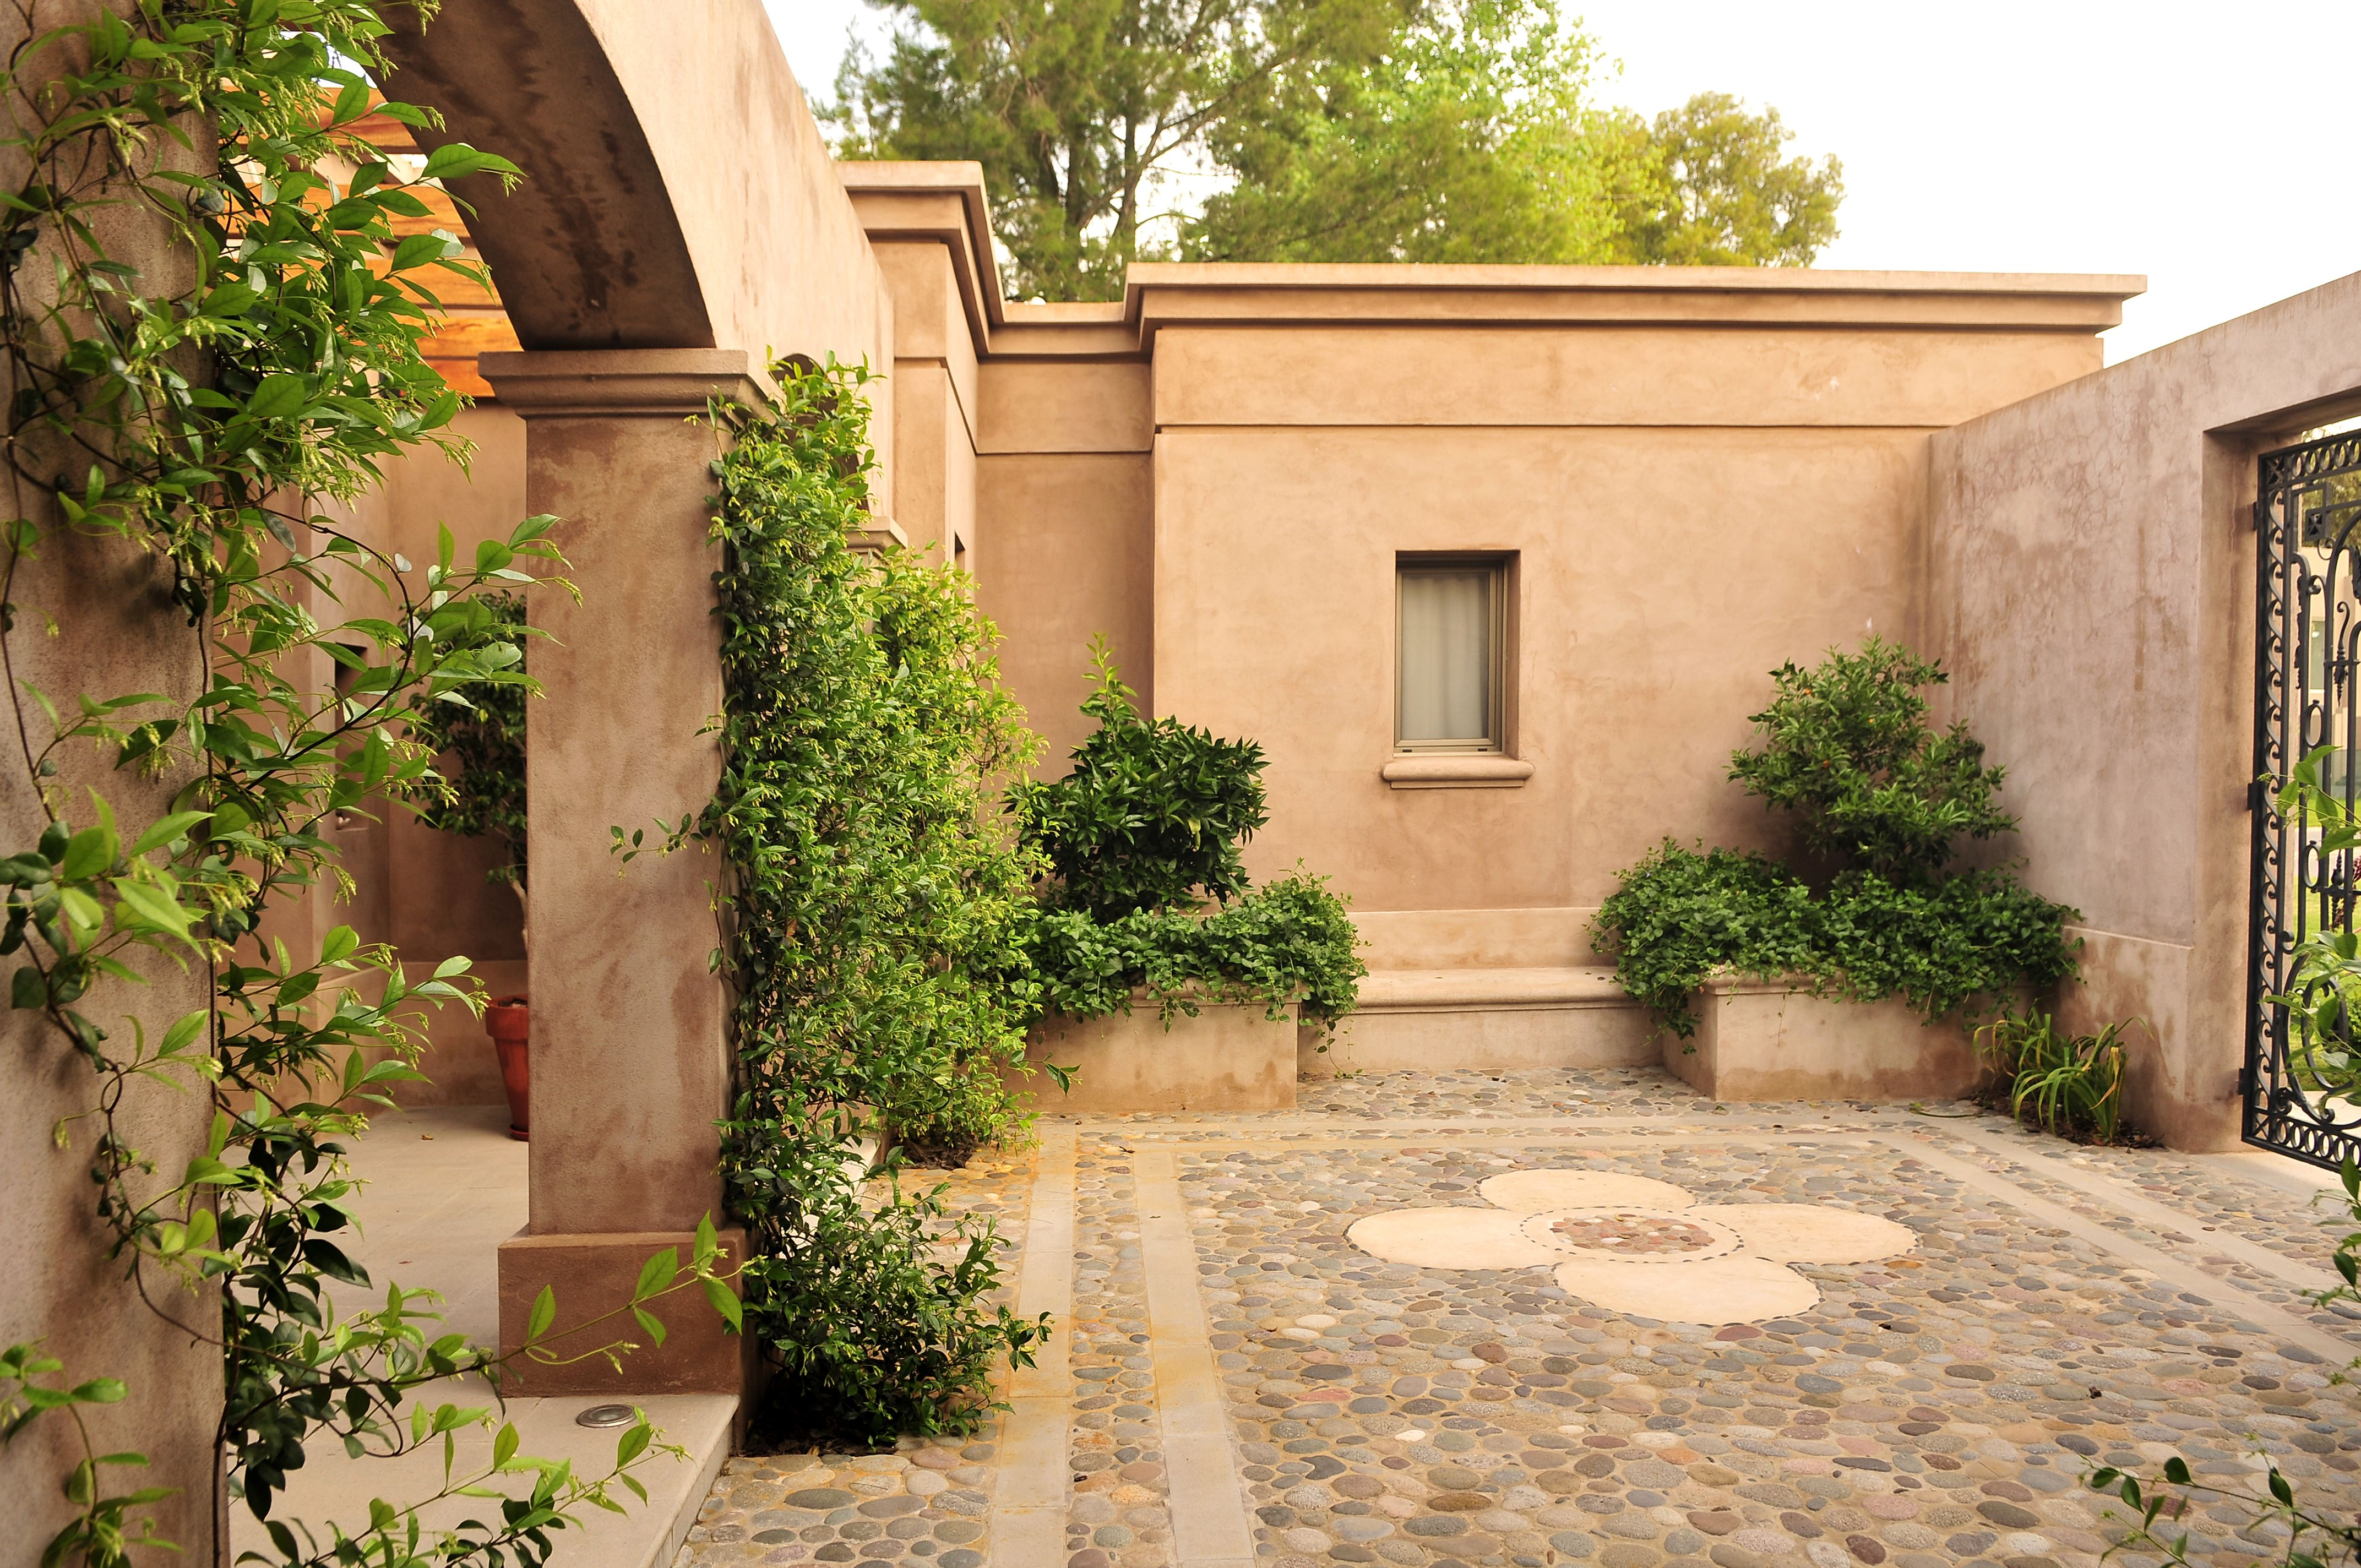 Patios de casas patios de casas buscar con google good - Patios de casas modernas ...